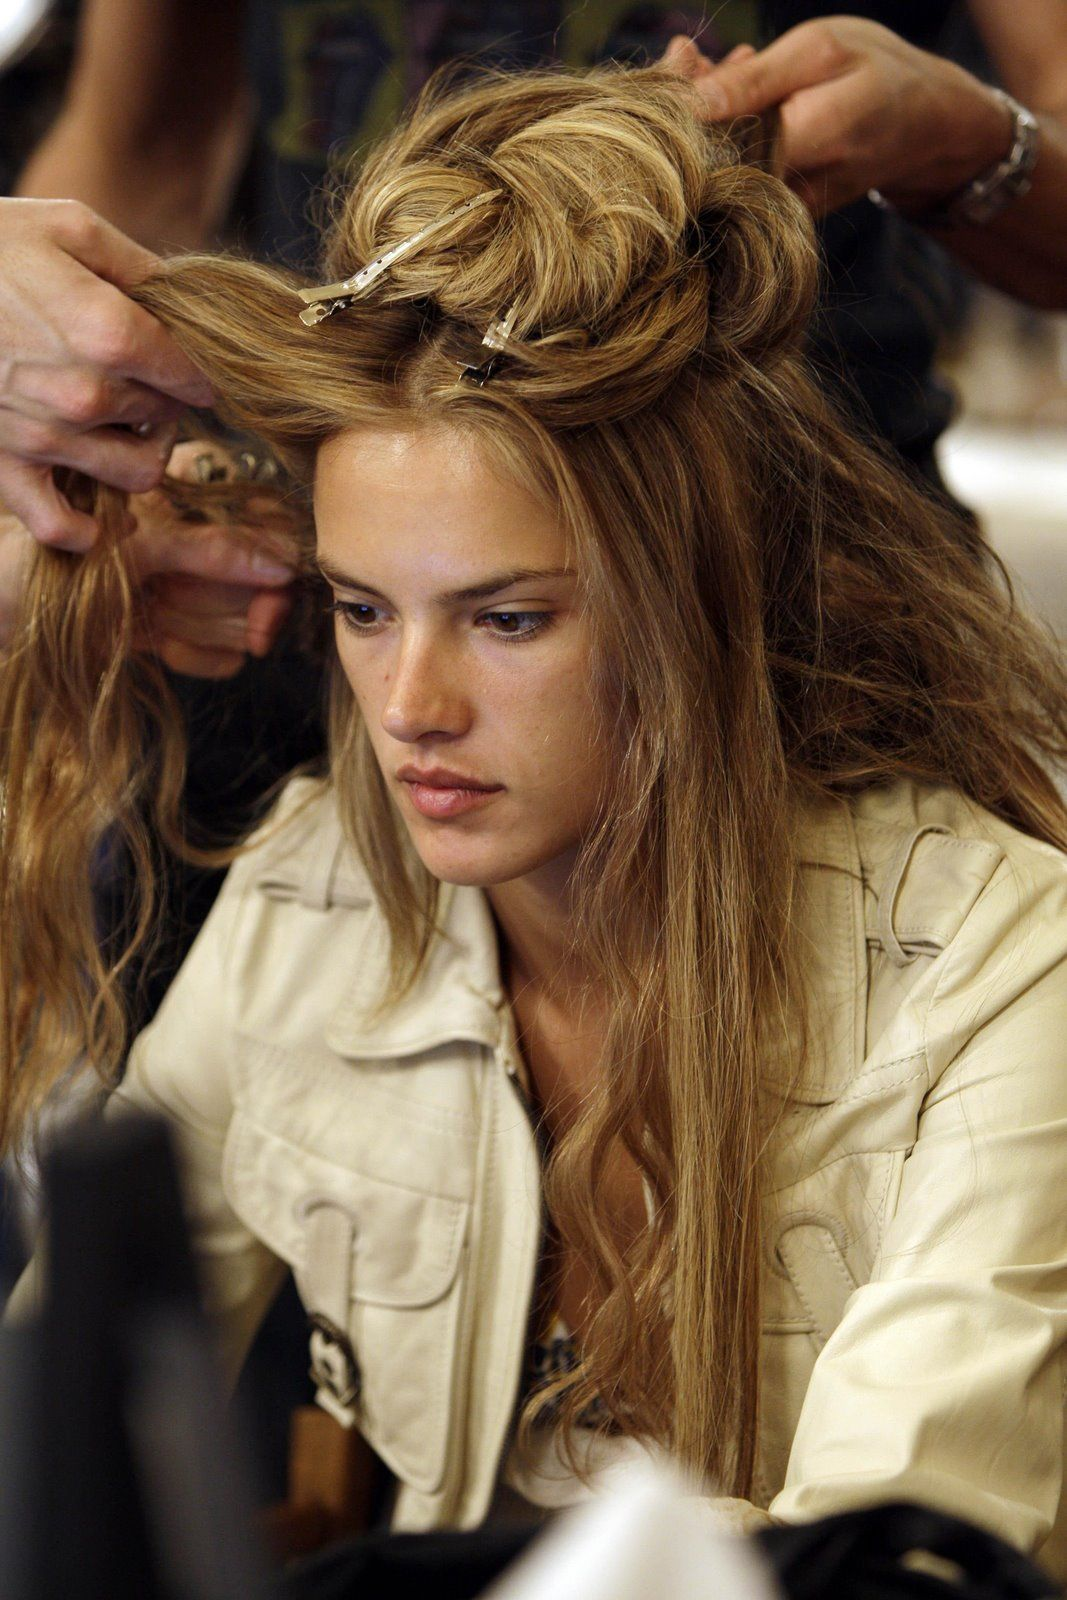 Alessandra Ambrosio without make up, still beautiful.